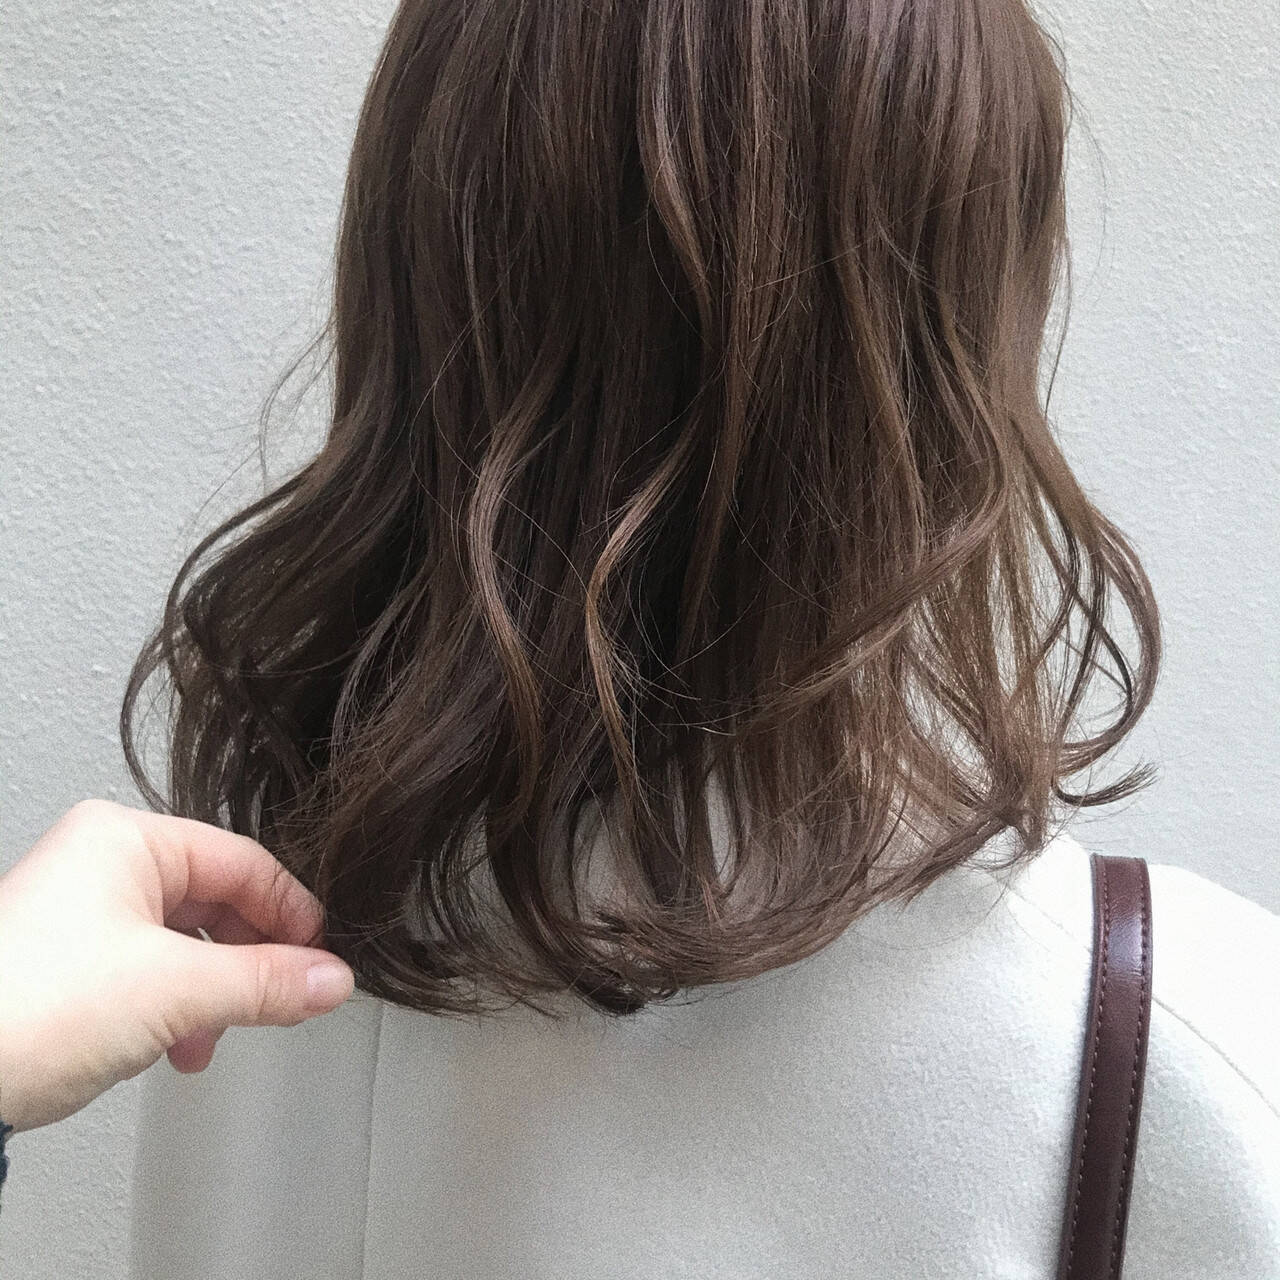 ミルクティーベージュ ミディアム シアーベージュ 透明感カラーヘアスタイルや髪型の写真・画像